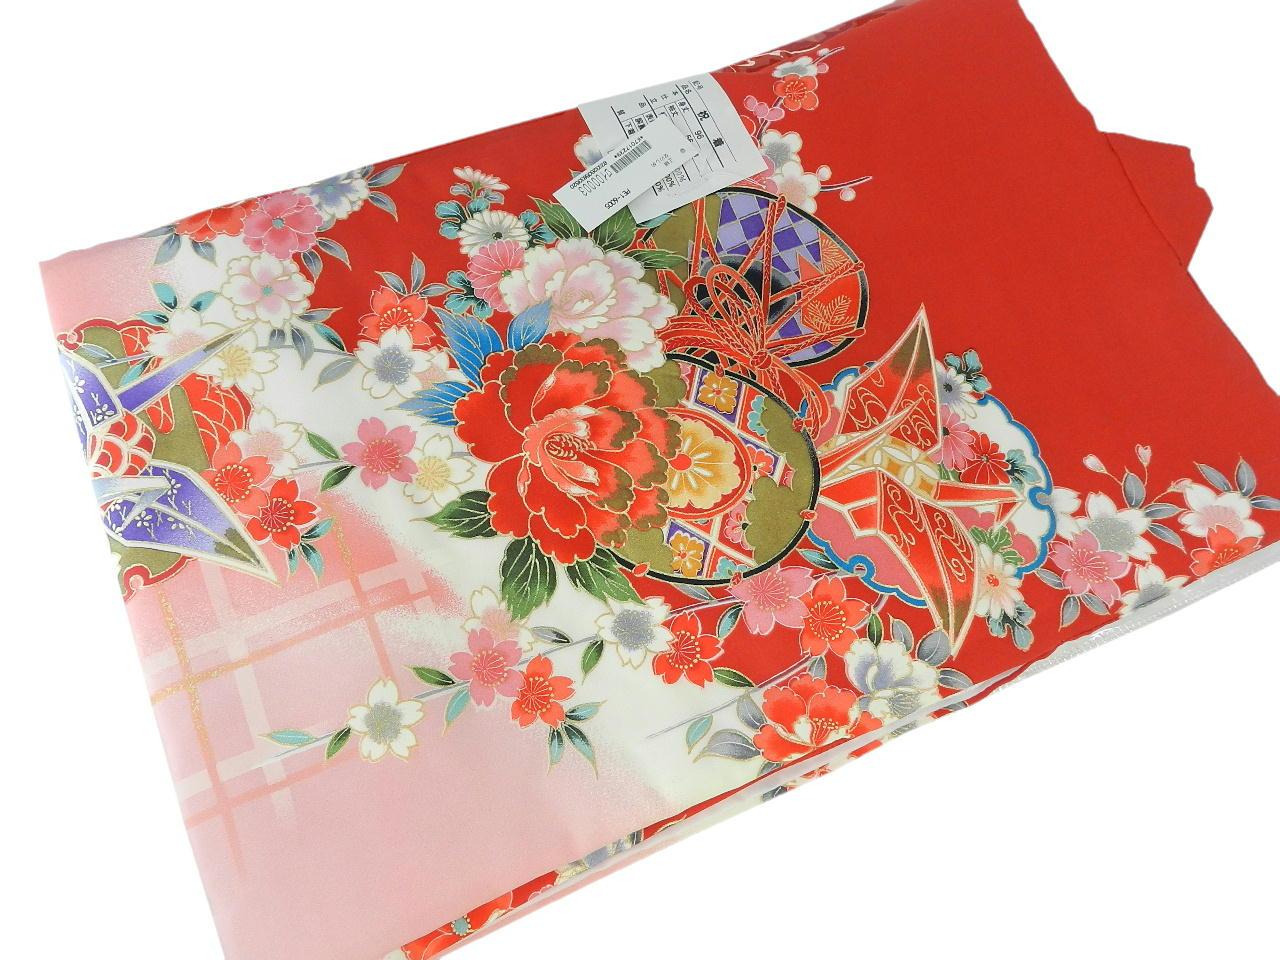 宮-7女の子女児正絹 宮参りの着物 襦袢付き祝い着セット価格産着 一つ身 のしめ祝着 着物 正絹  新品